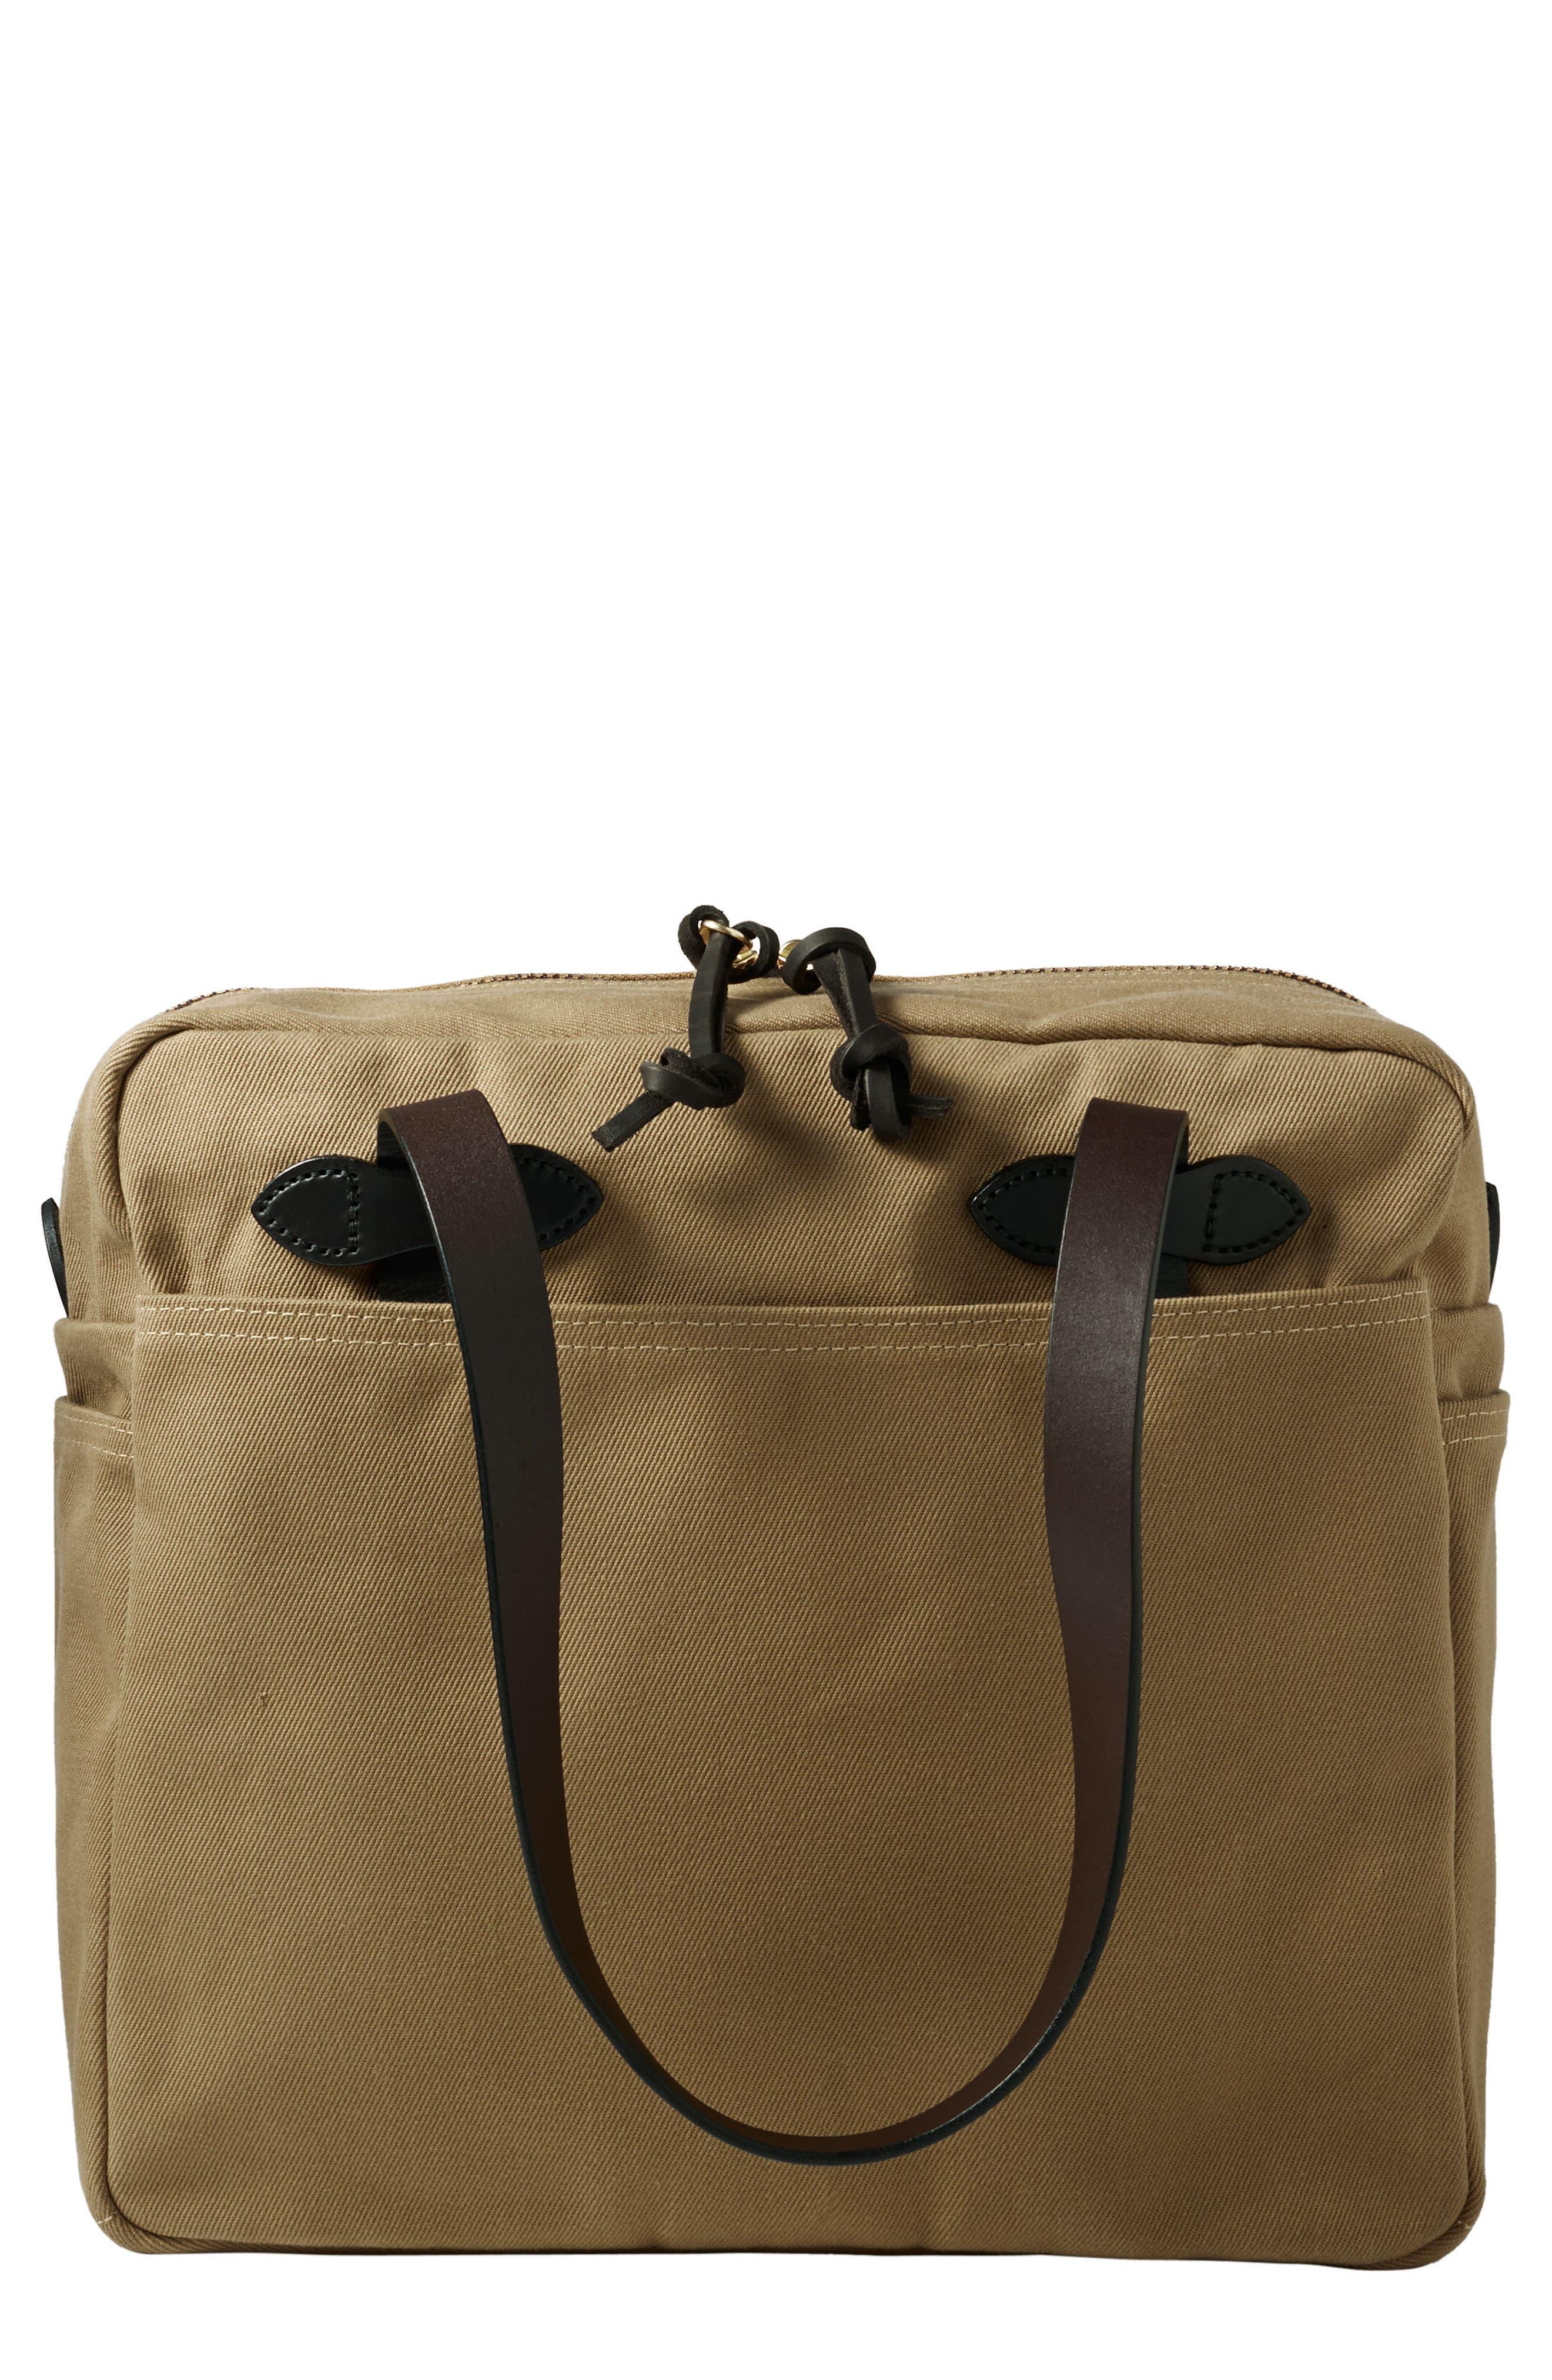 Rugged Twill Zip Tote Bag,                             Main thumbnail 1, color,                             242